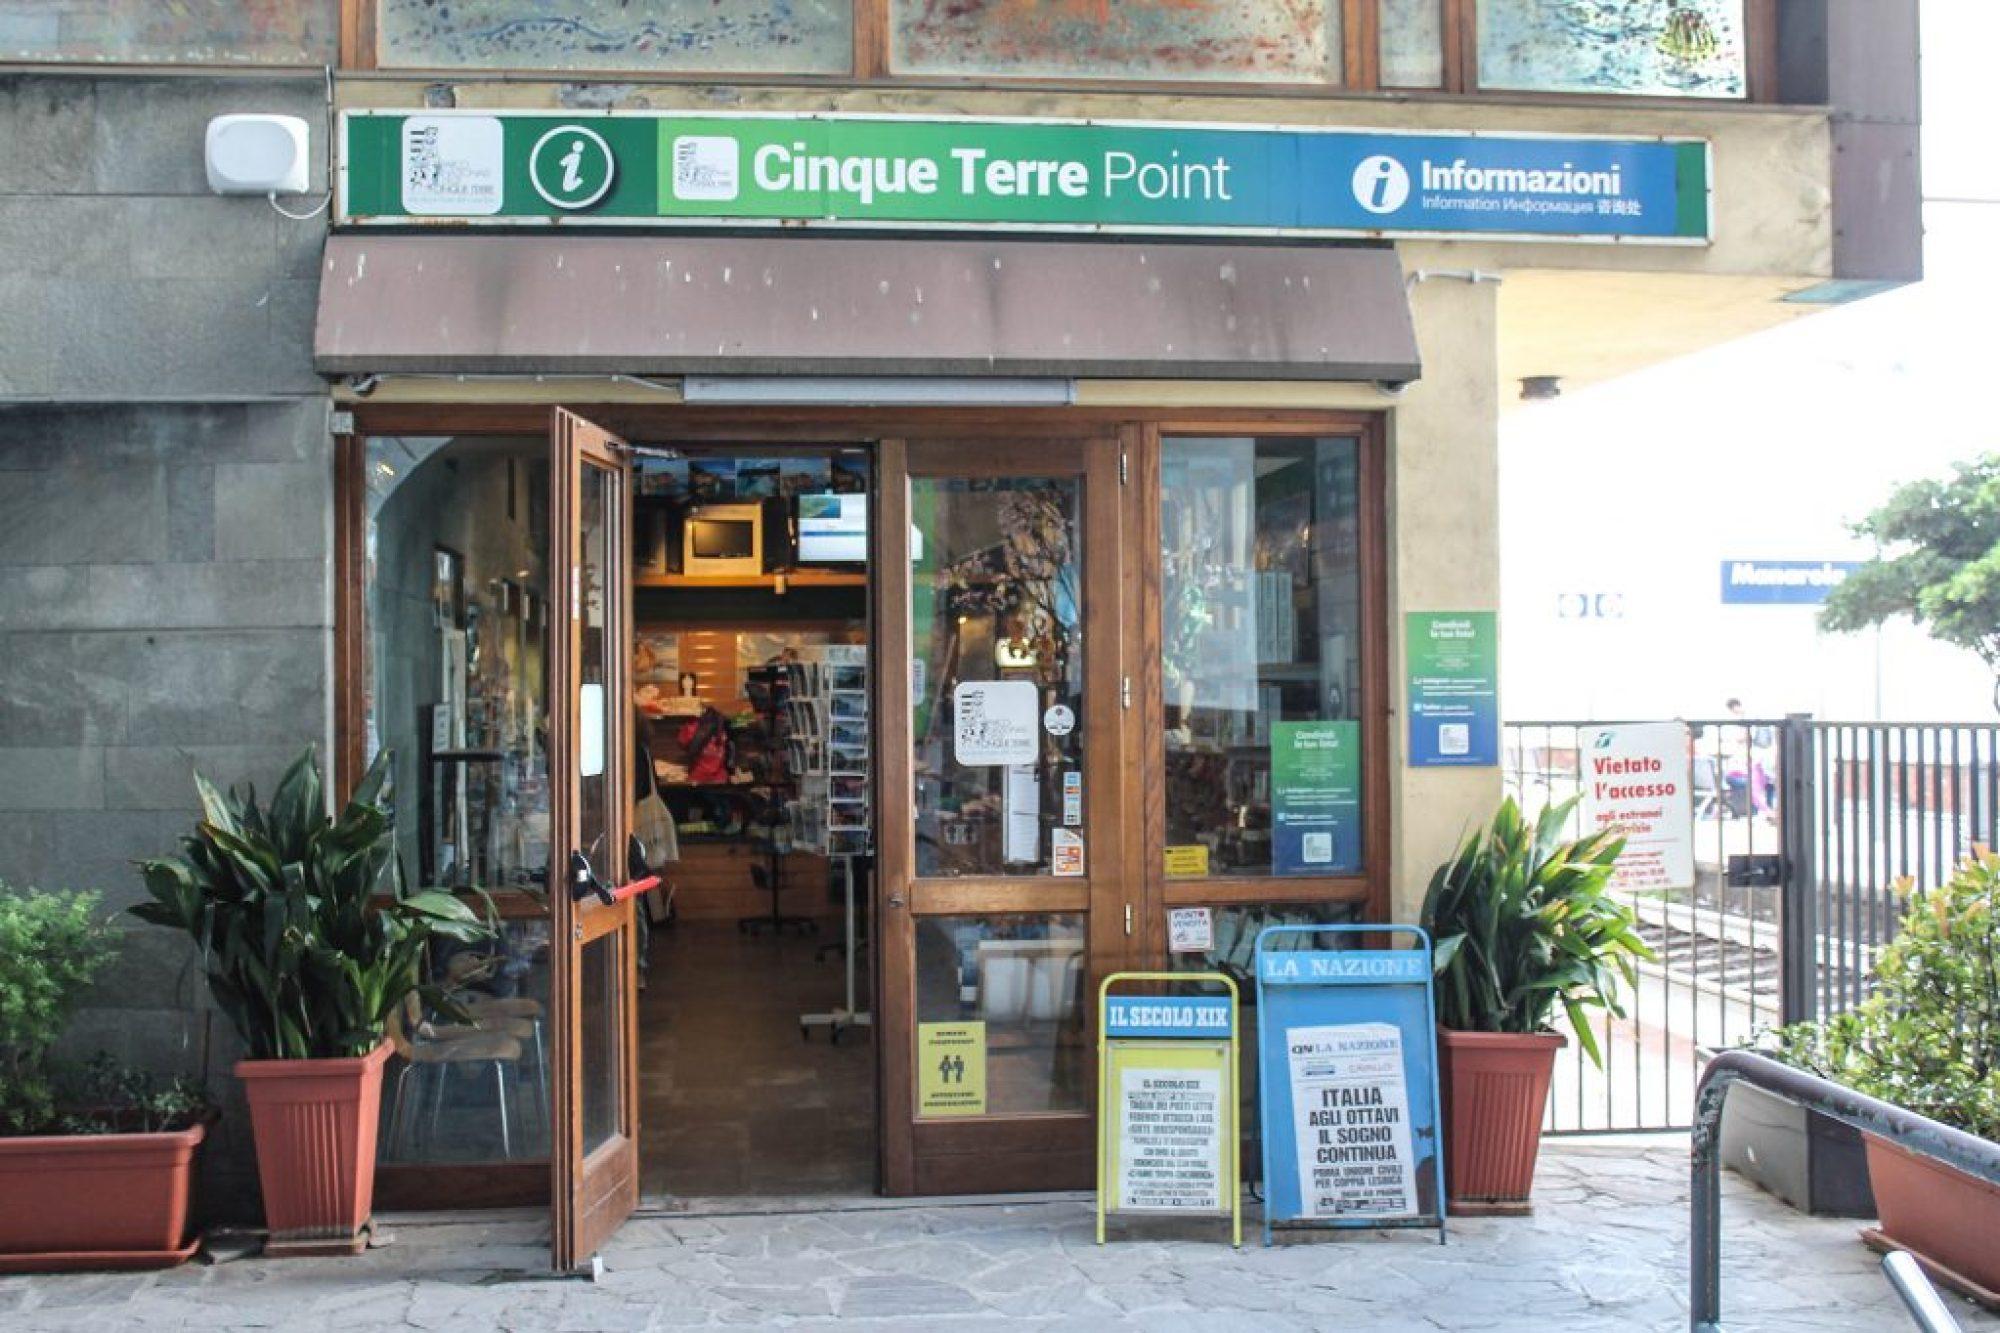 Dos días en Cinque Terre-8